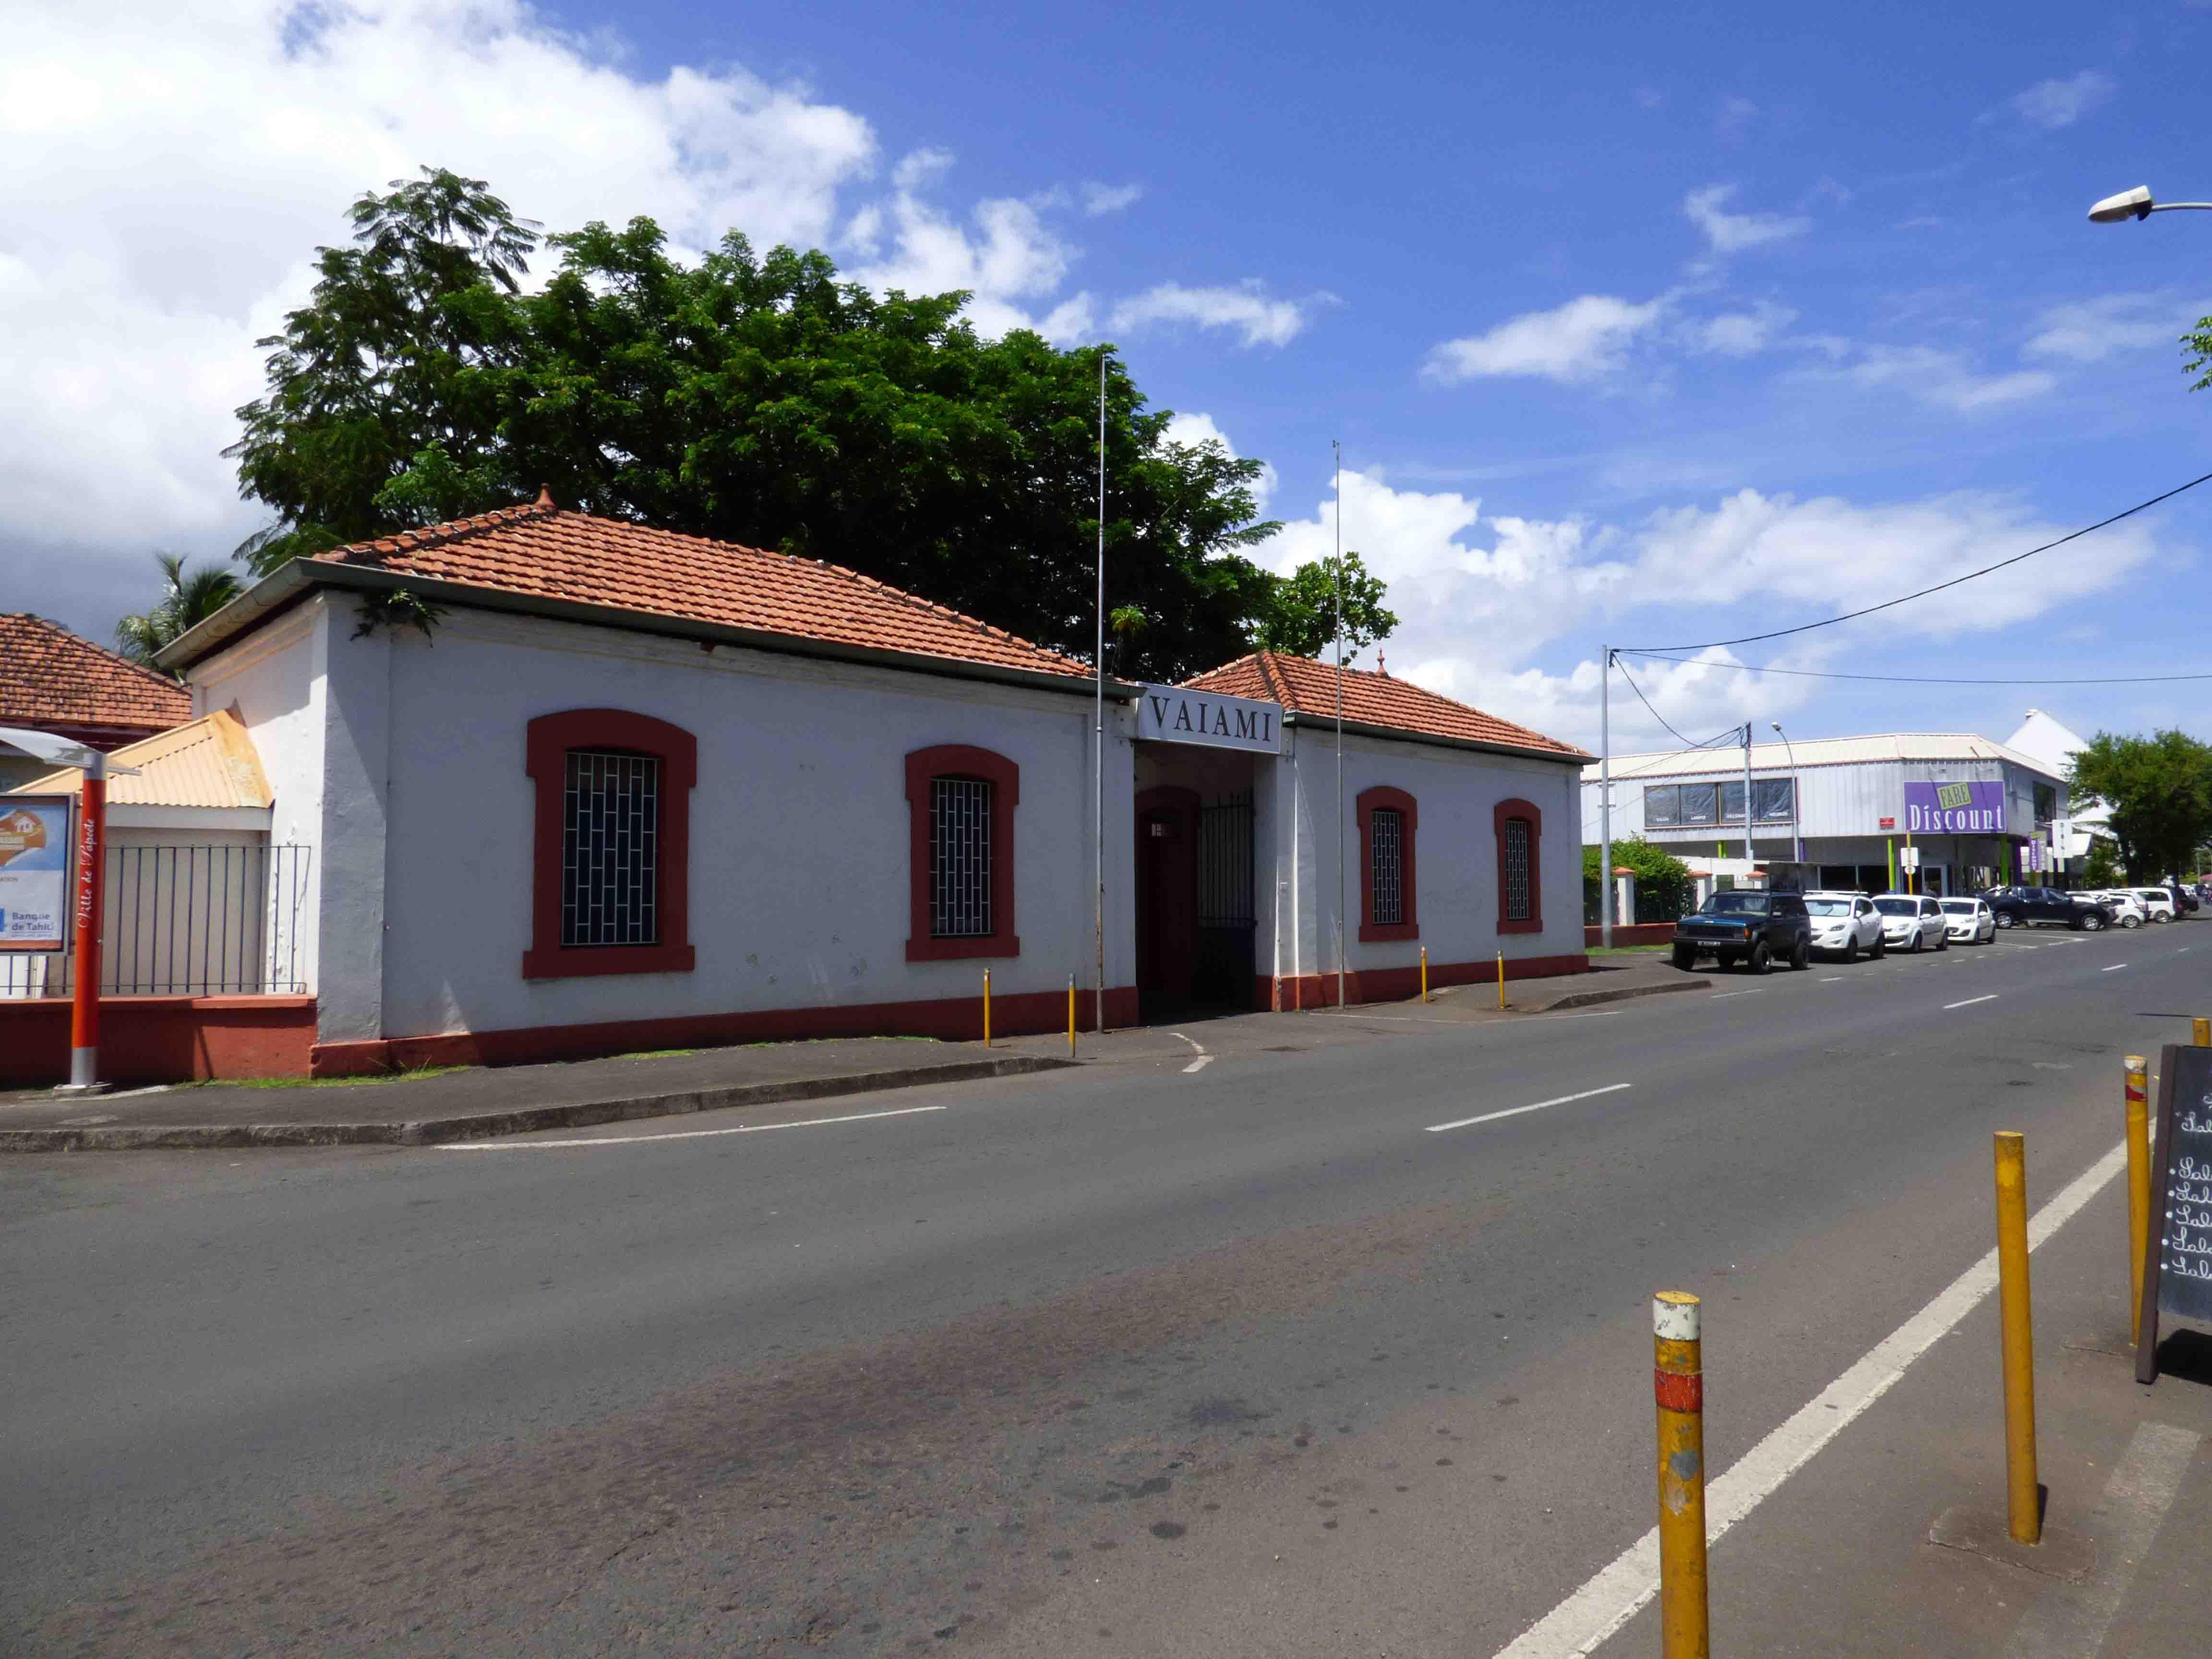 Excursion Papeete. Aucune activité de Papeete ne propose de découvrir les anciens bâtiments de la ville.